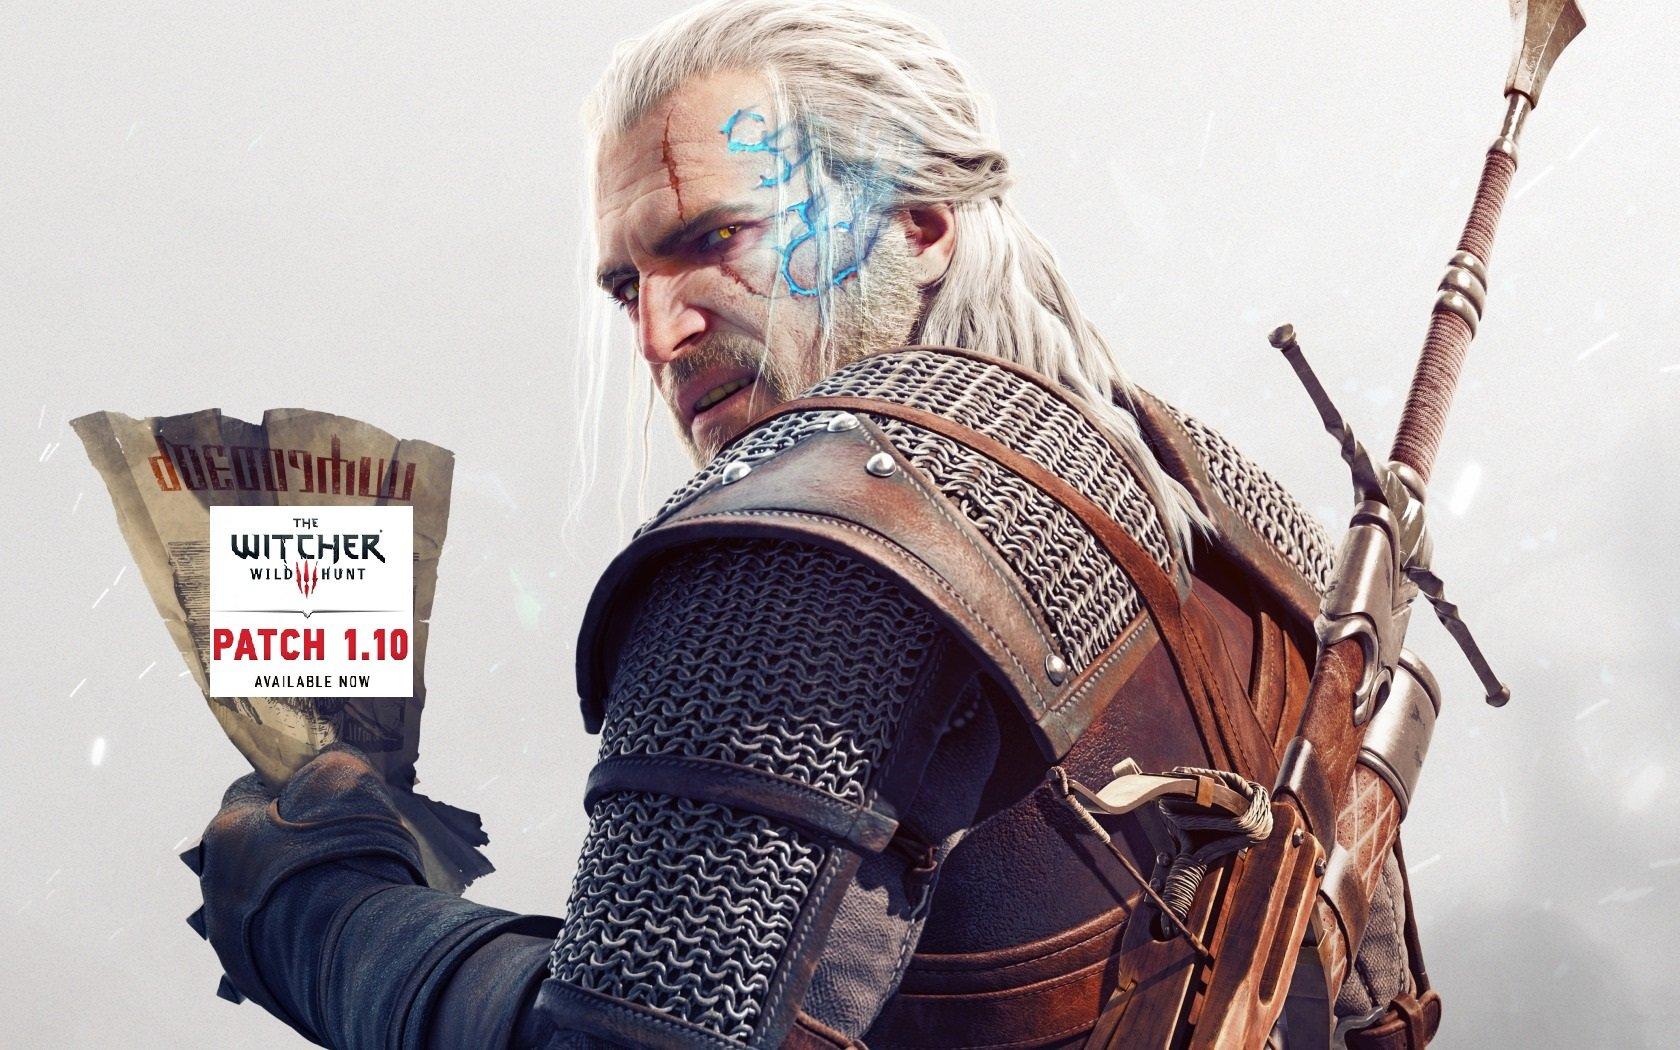 The Witcher 3: Wild Hunt. Список изменений патча 1.10. Часть 2.   Стабильность:   - Исправлены проблемы сбоя на аппа ... - Изображение 1